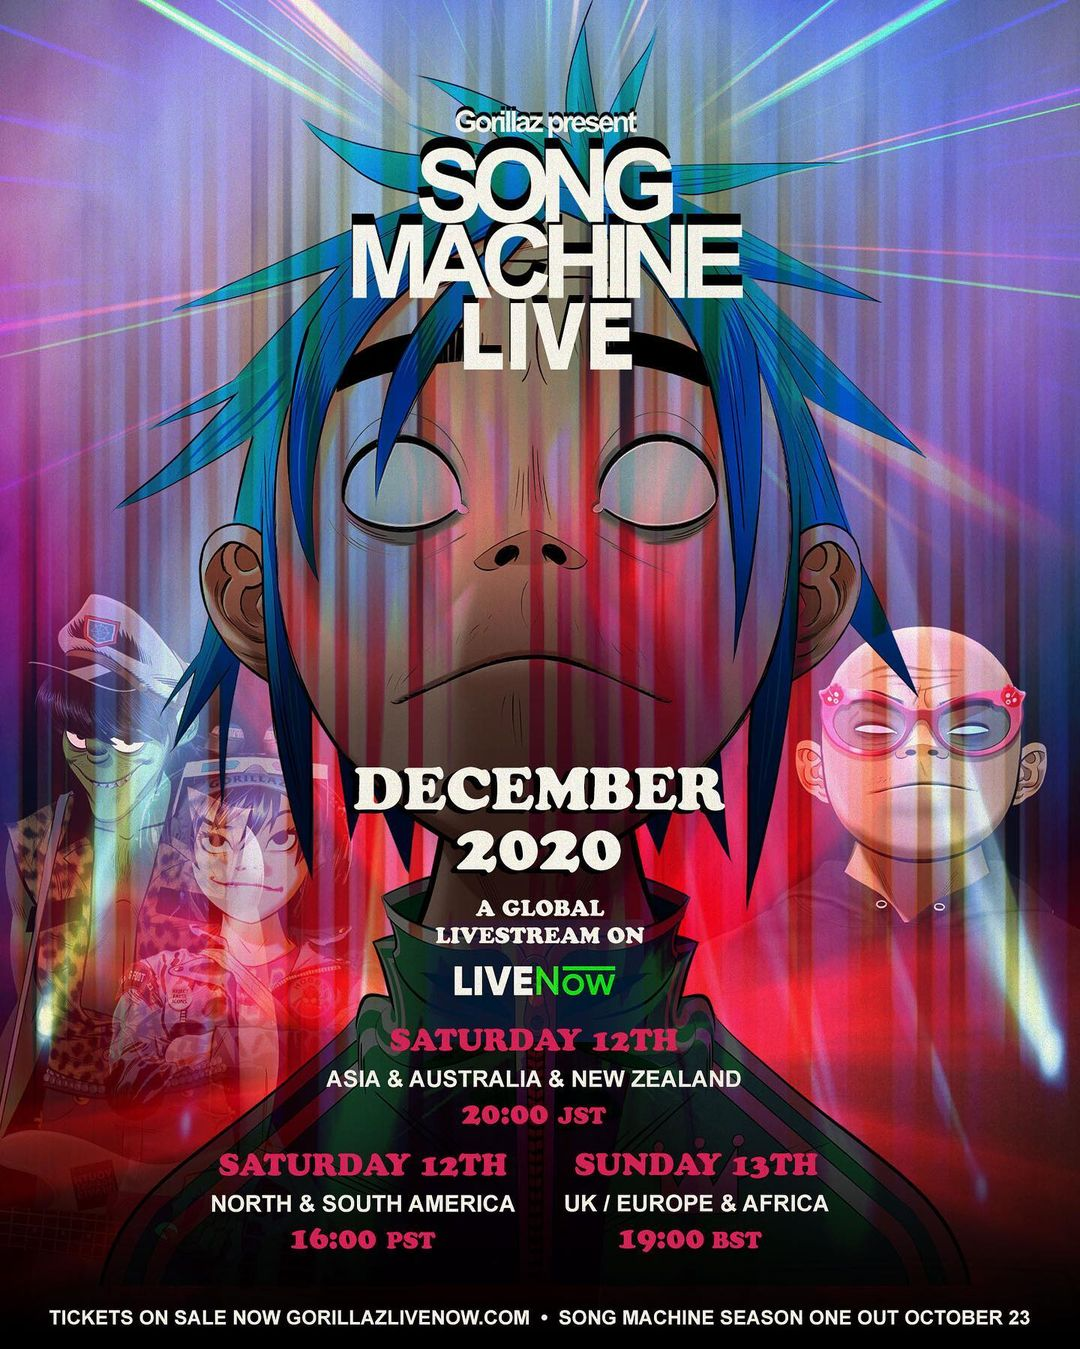 ¡Te regalamos boletos para el concierto 'Song Machine Live' de Gorillaz!